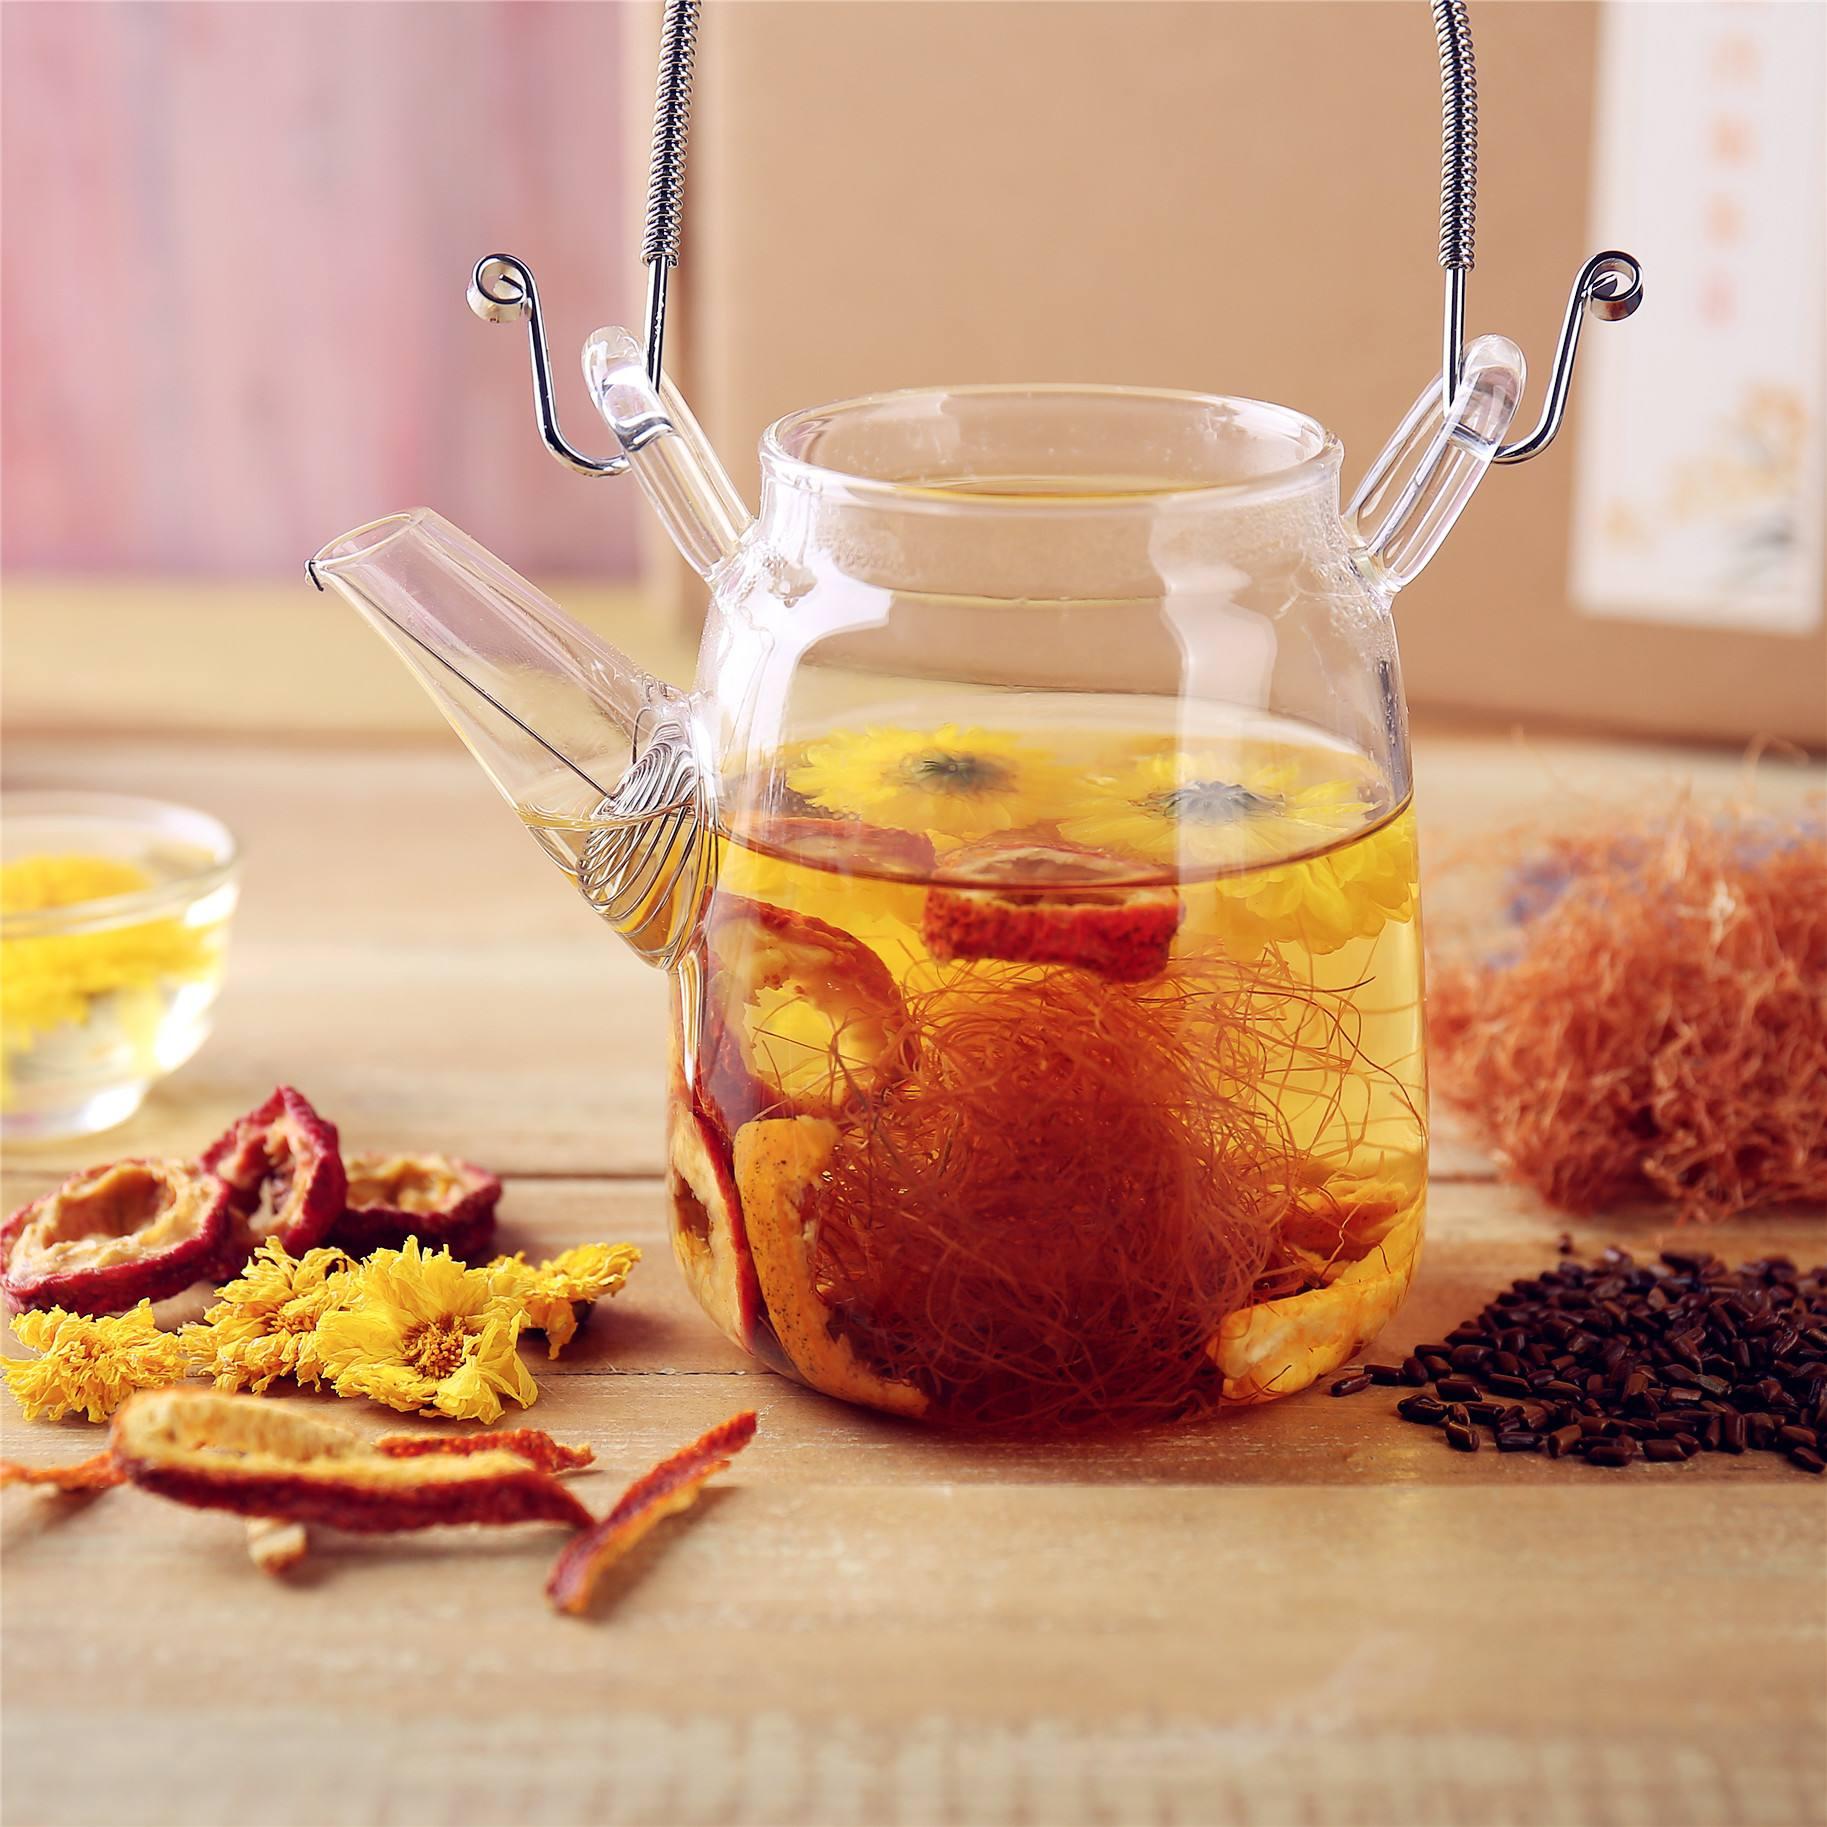 陈皮和老白茶可以一起煮吗?